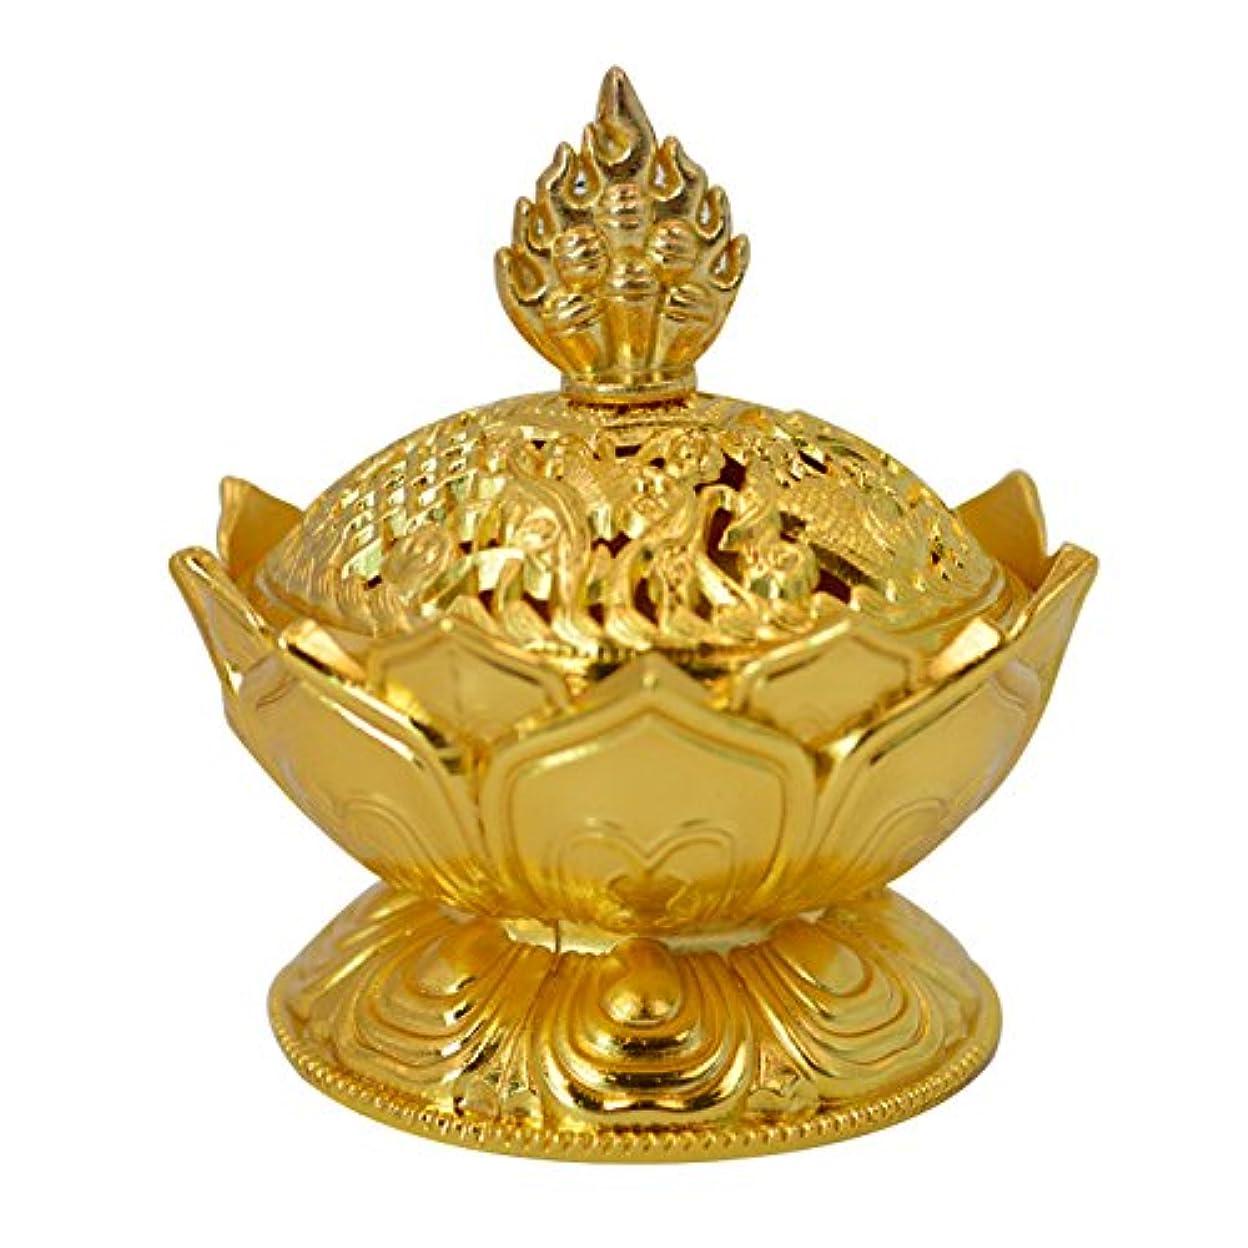 静かに誤洞察力のあるBuddha Lotus Flower香炉合金メタルIncense Holder Censerクリエイティブクリスマスプレゼント One Size ゴールド